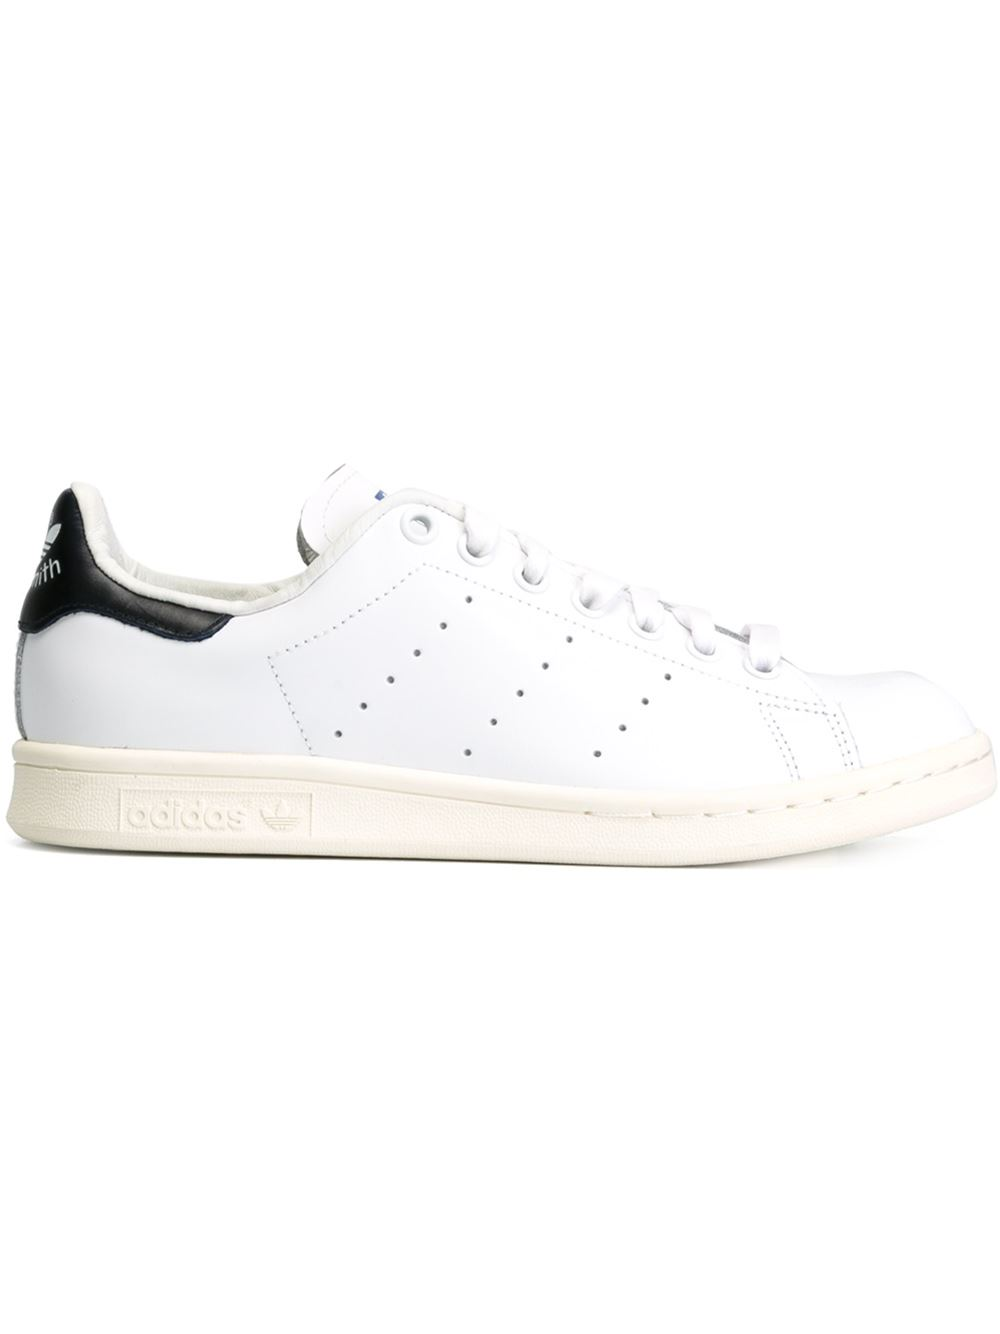 Adidas Originals 'Stan Smith' sneakers • $68.09 • Farfetch